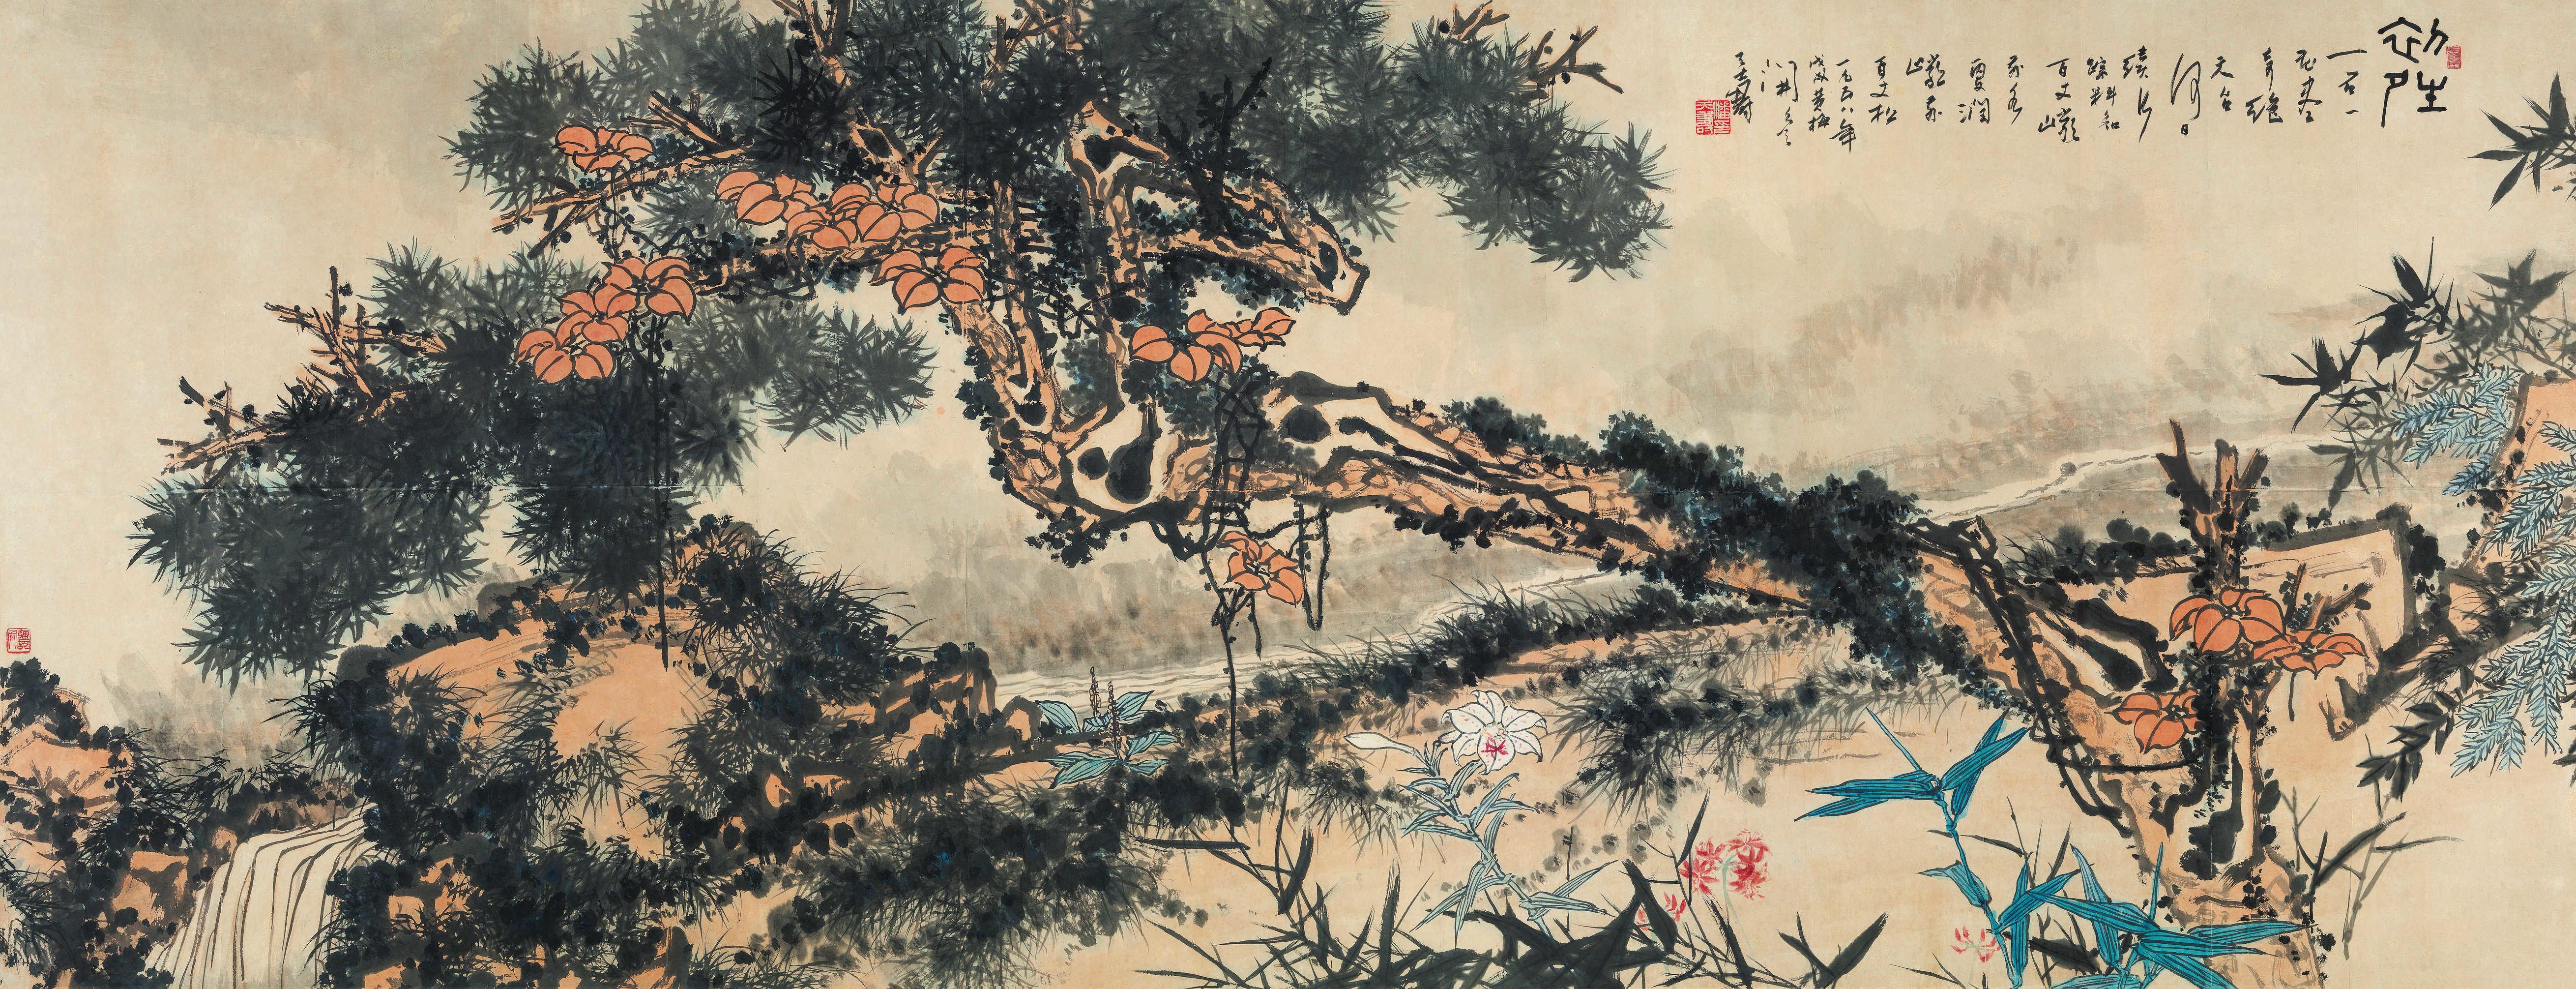 Pan Tianshou - Pine after rain (初晴)